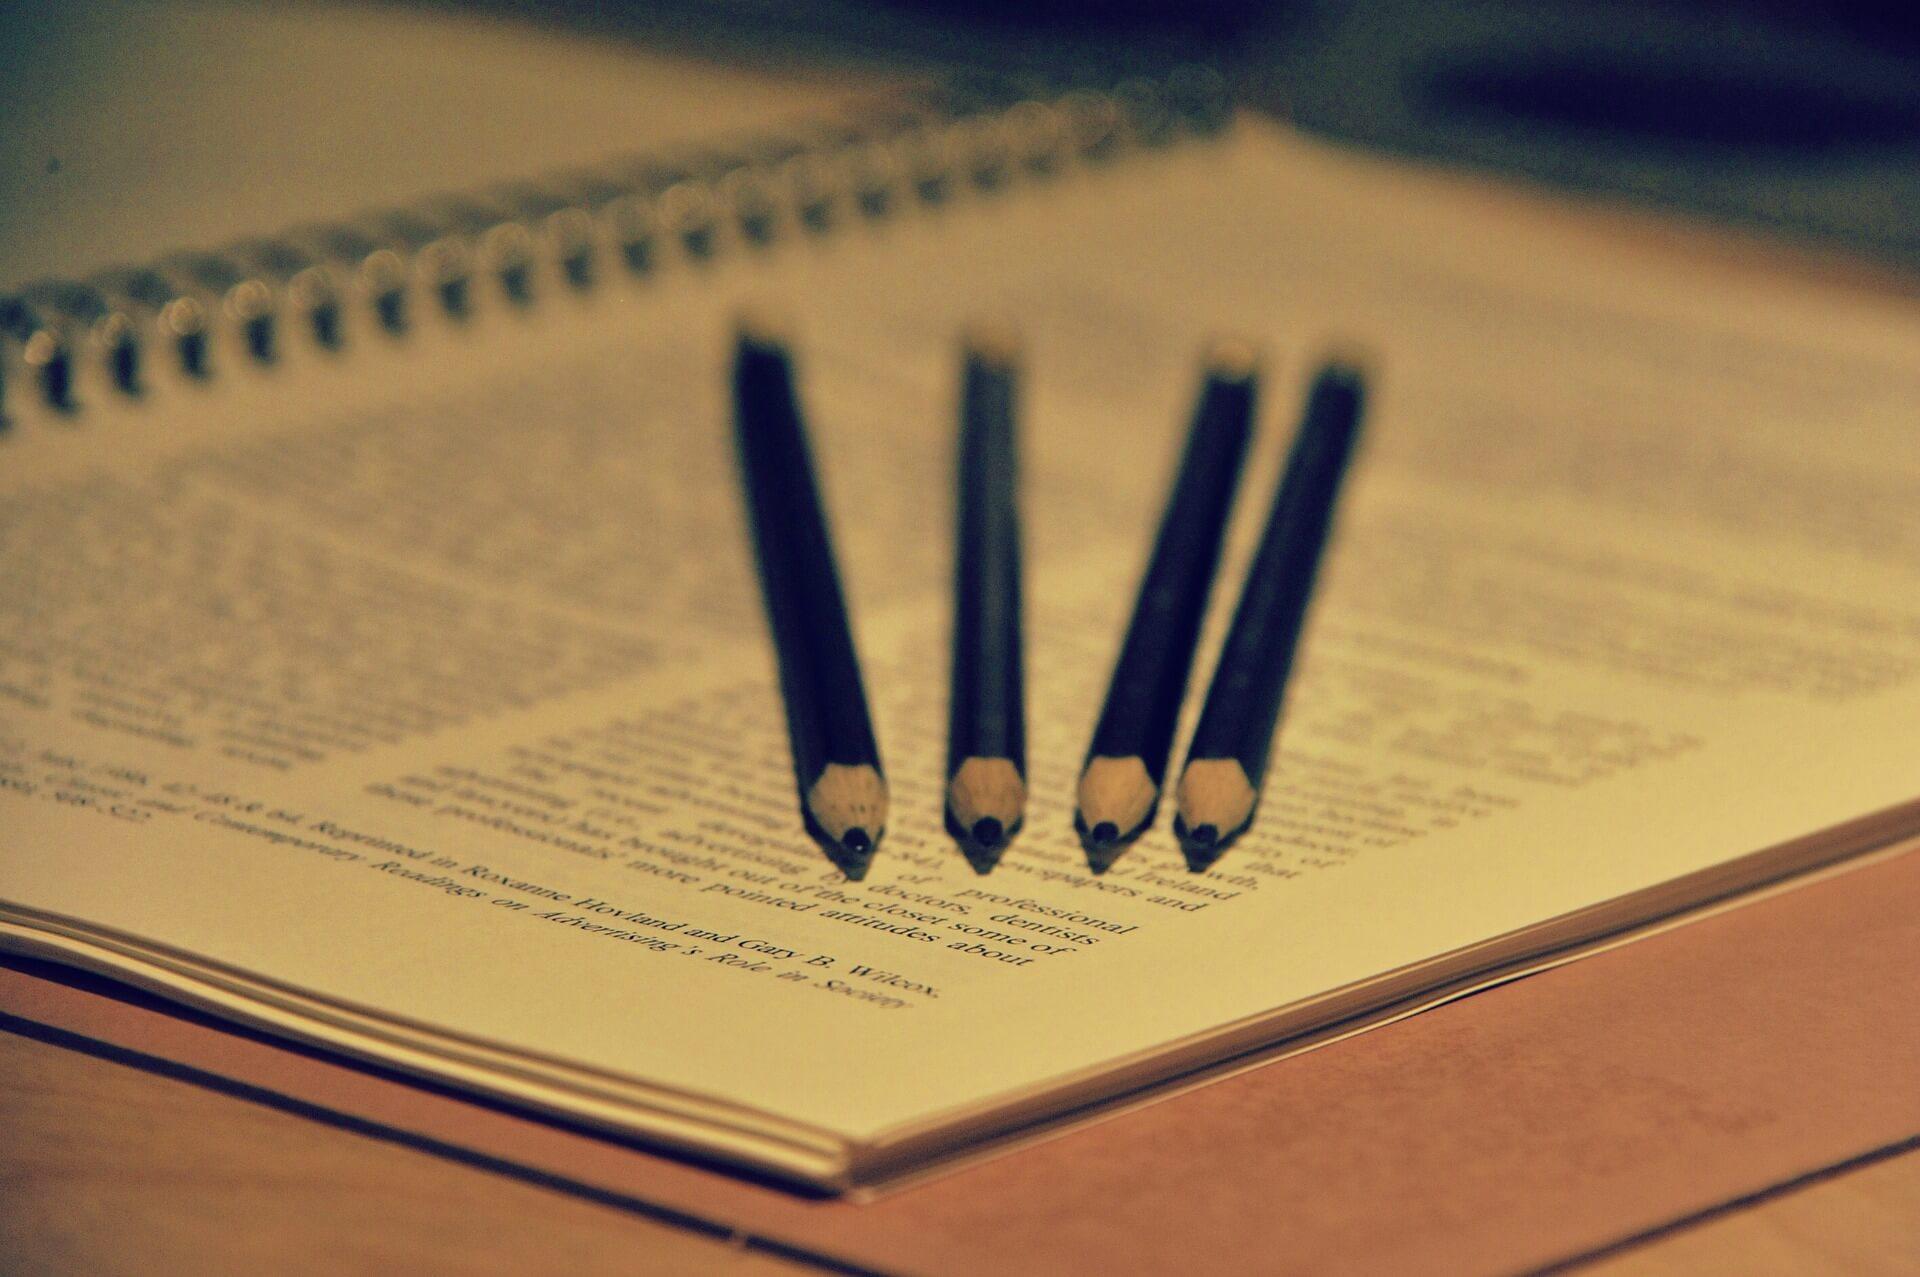 les 10 astuces pour écrire un contenu optimisé pour Google